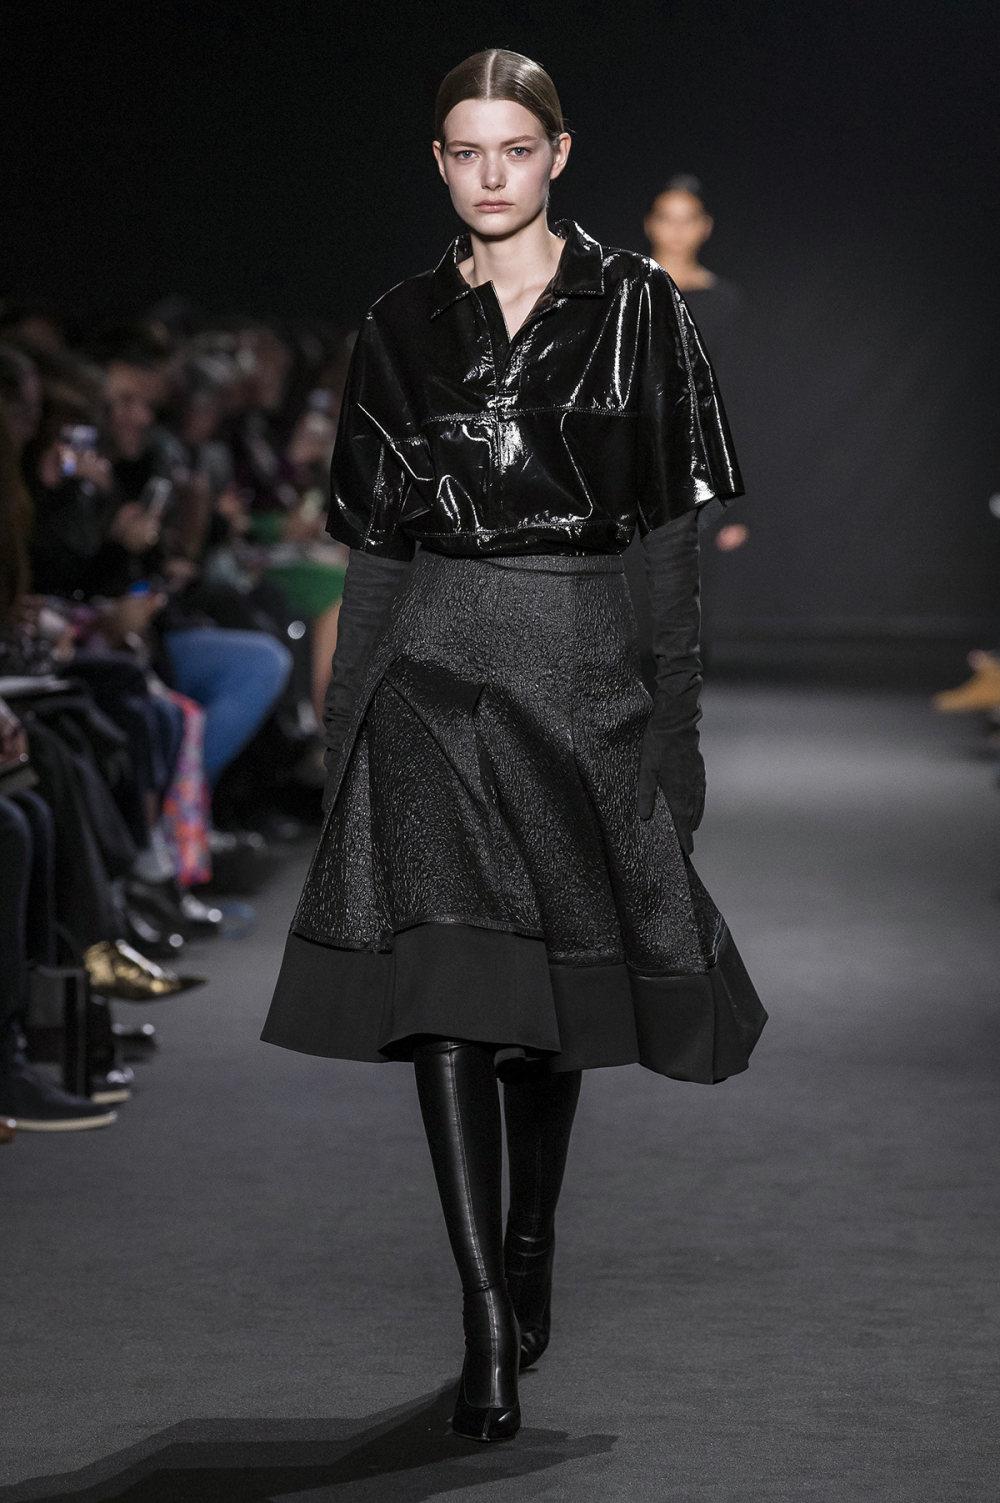 Rochas时装系列黑色无领斜纹软呢褶皱的黑色裙身饰有超细短袖衬衫-11.jpg